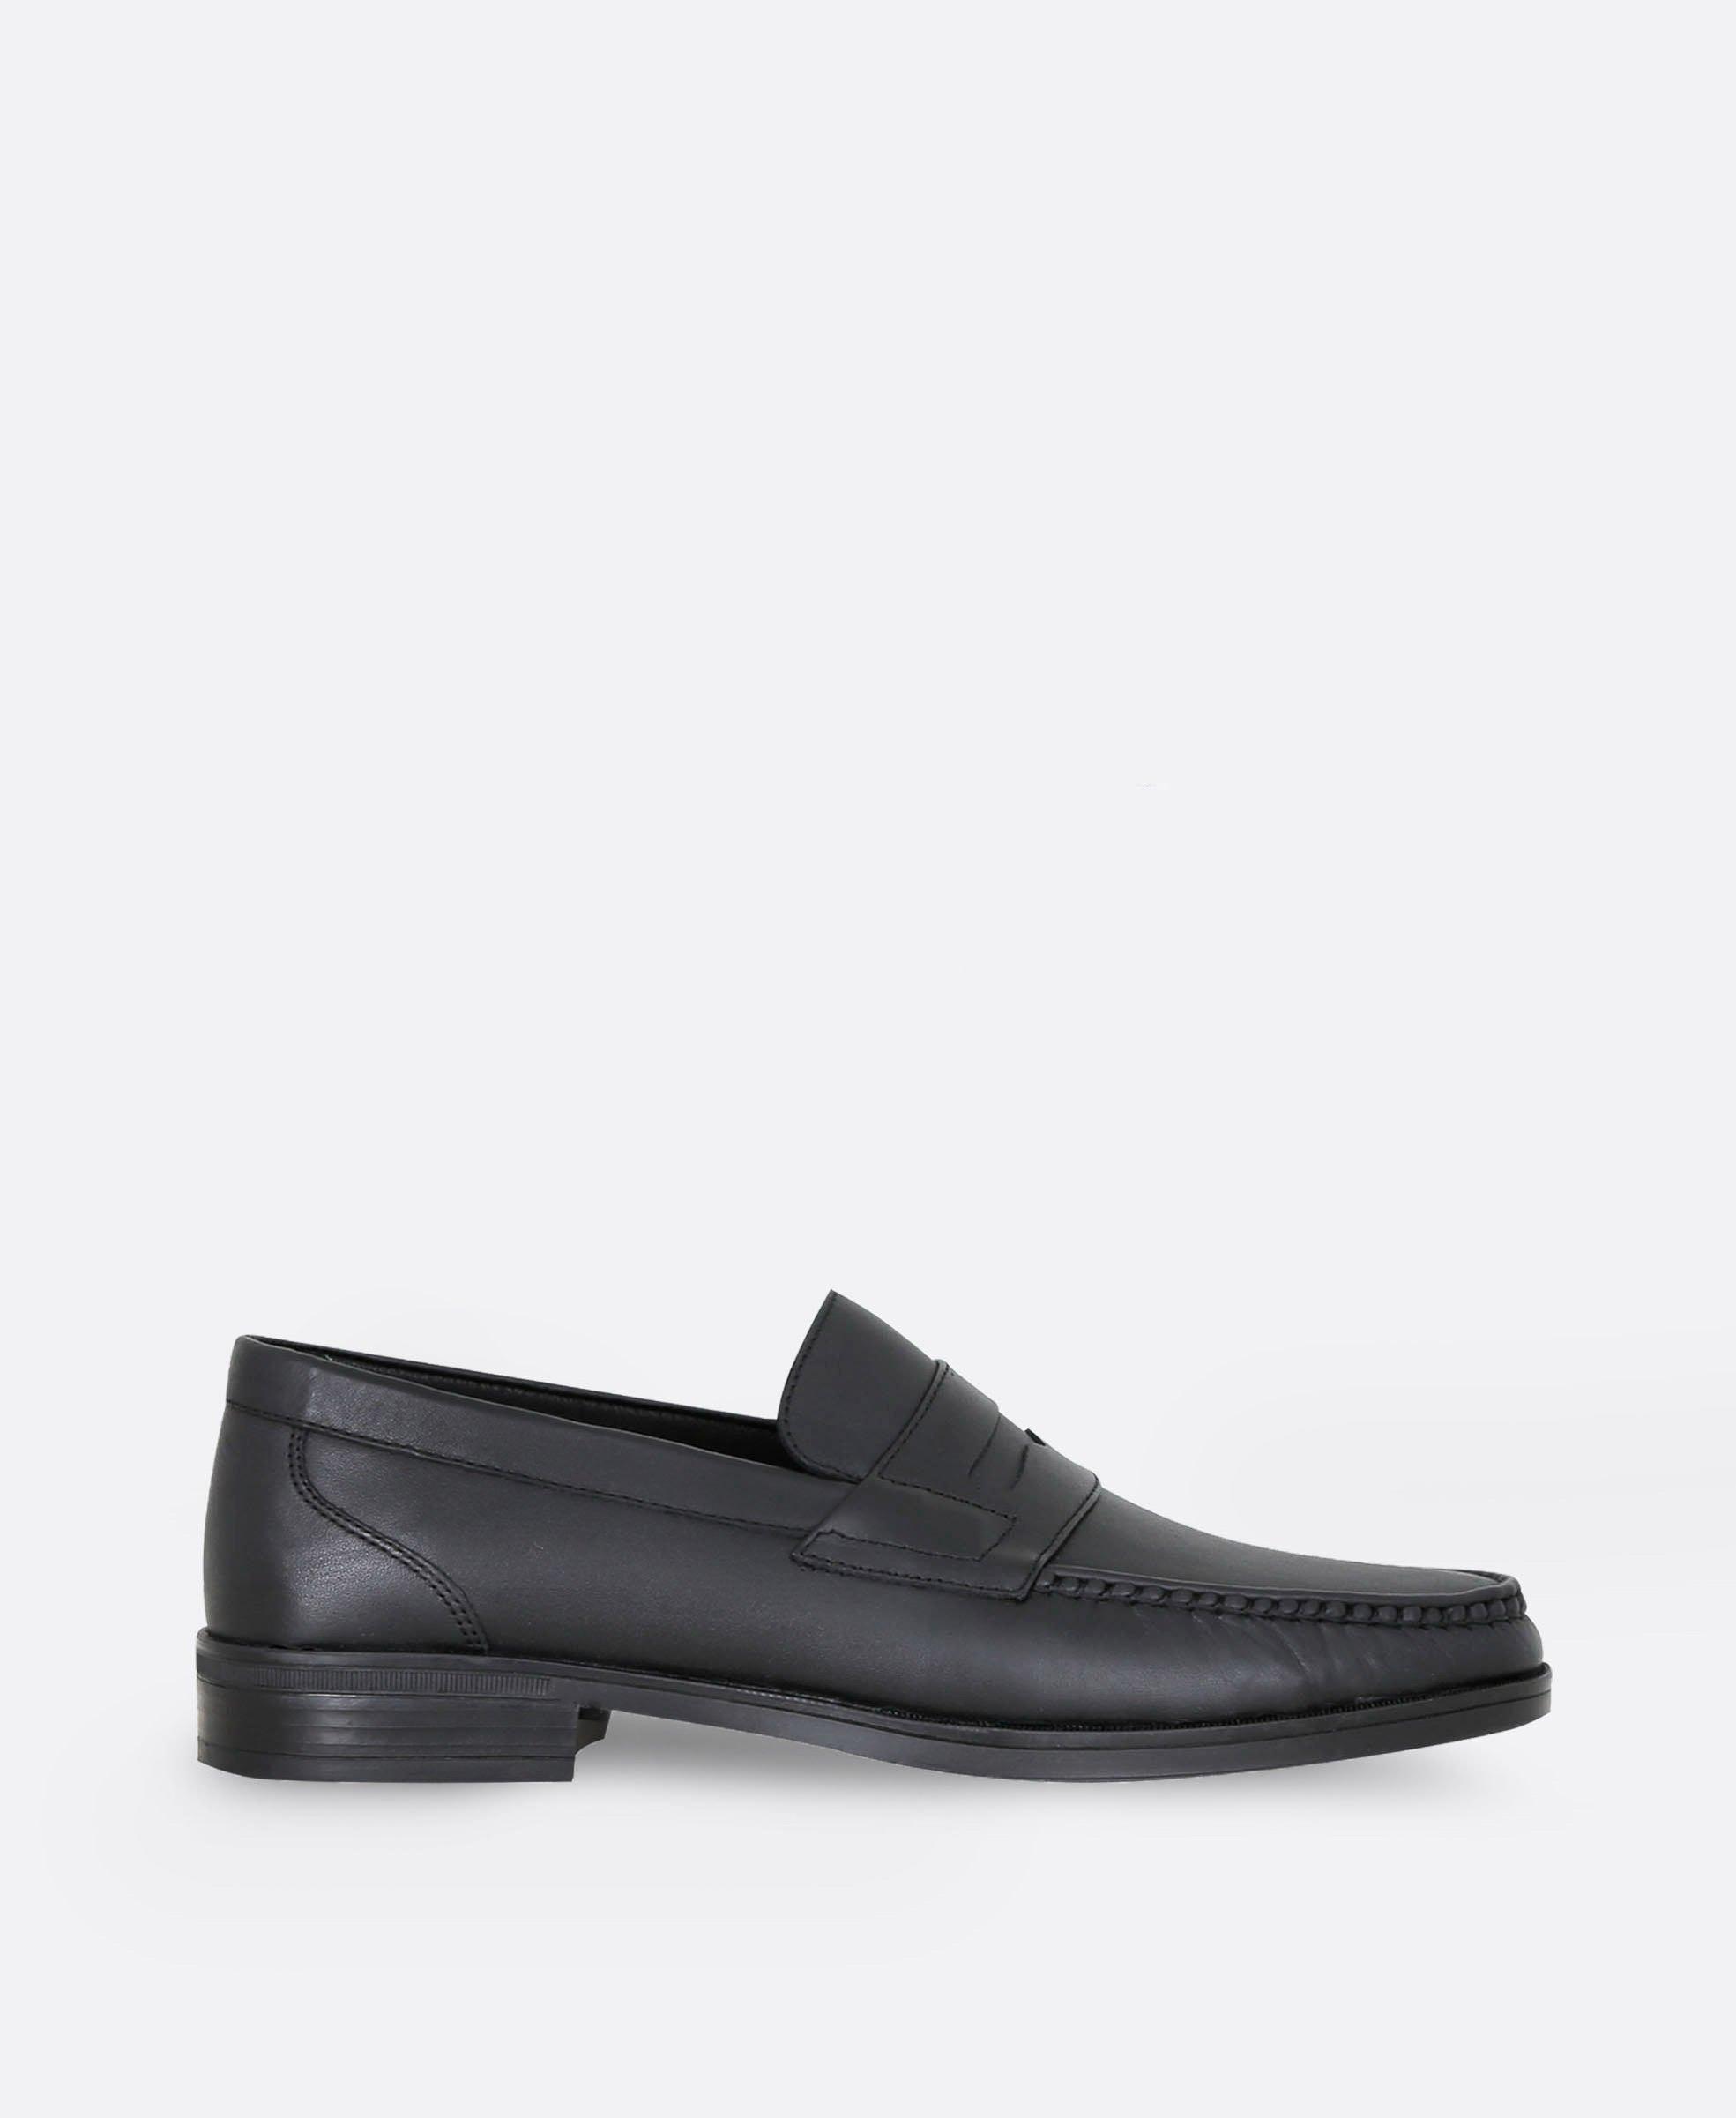 کفش کالج مردانه چرم 3304